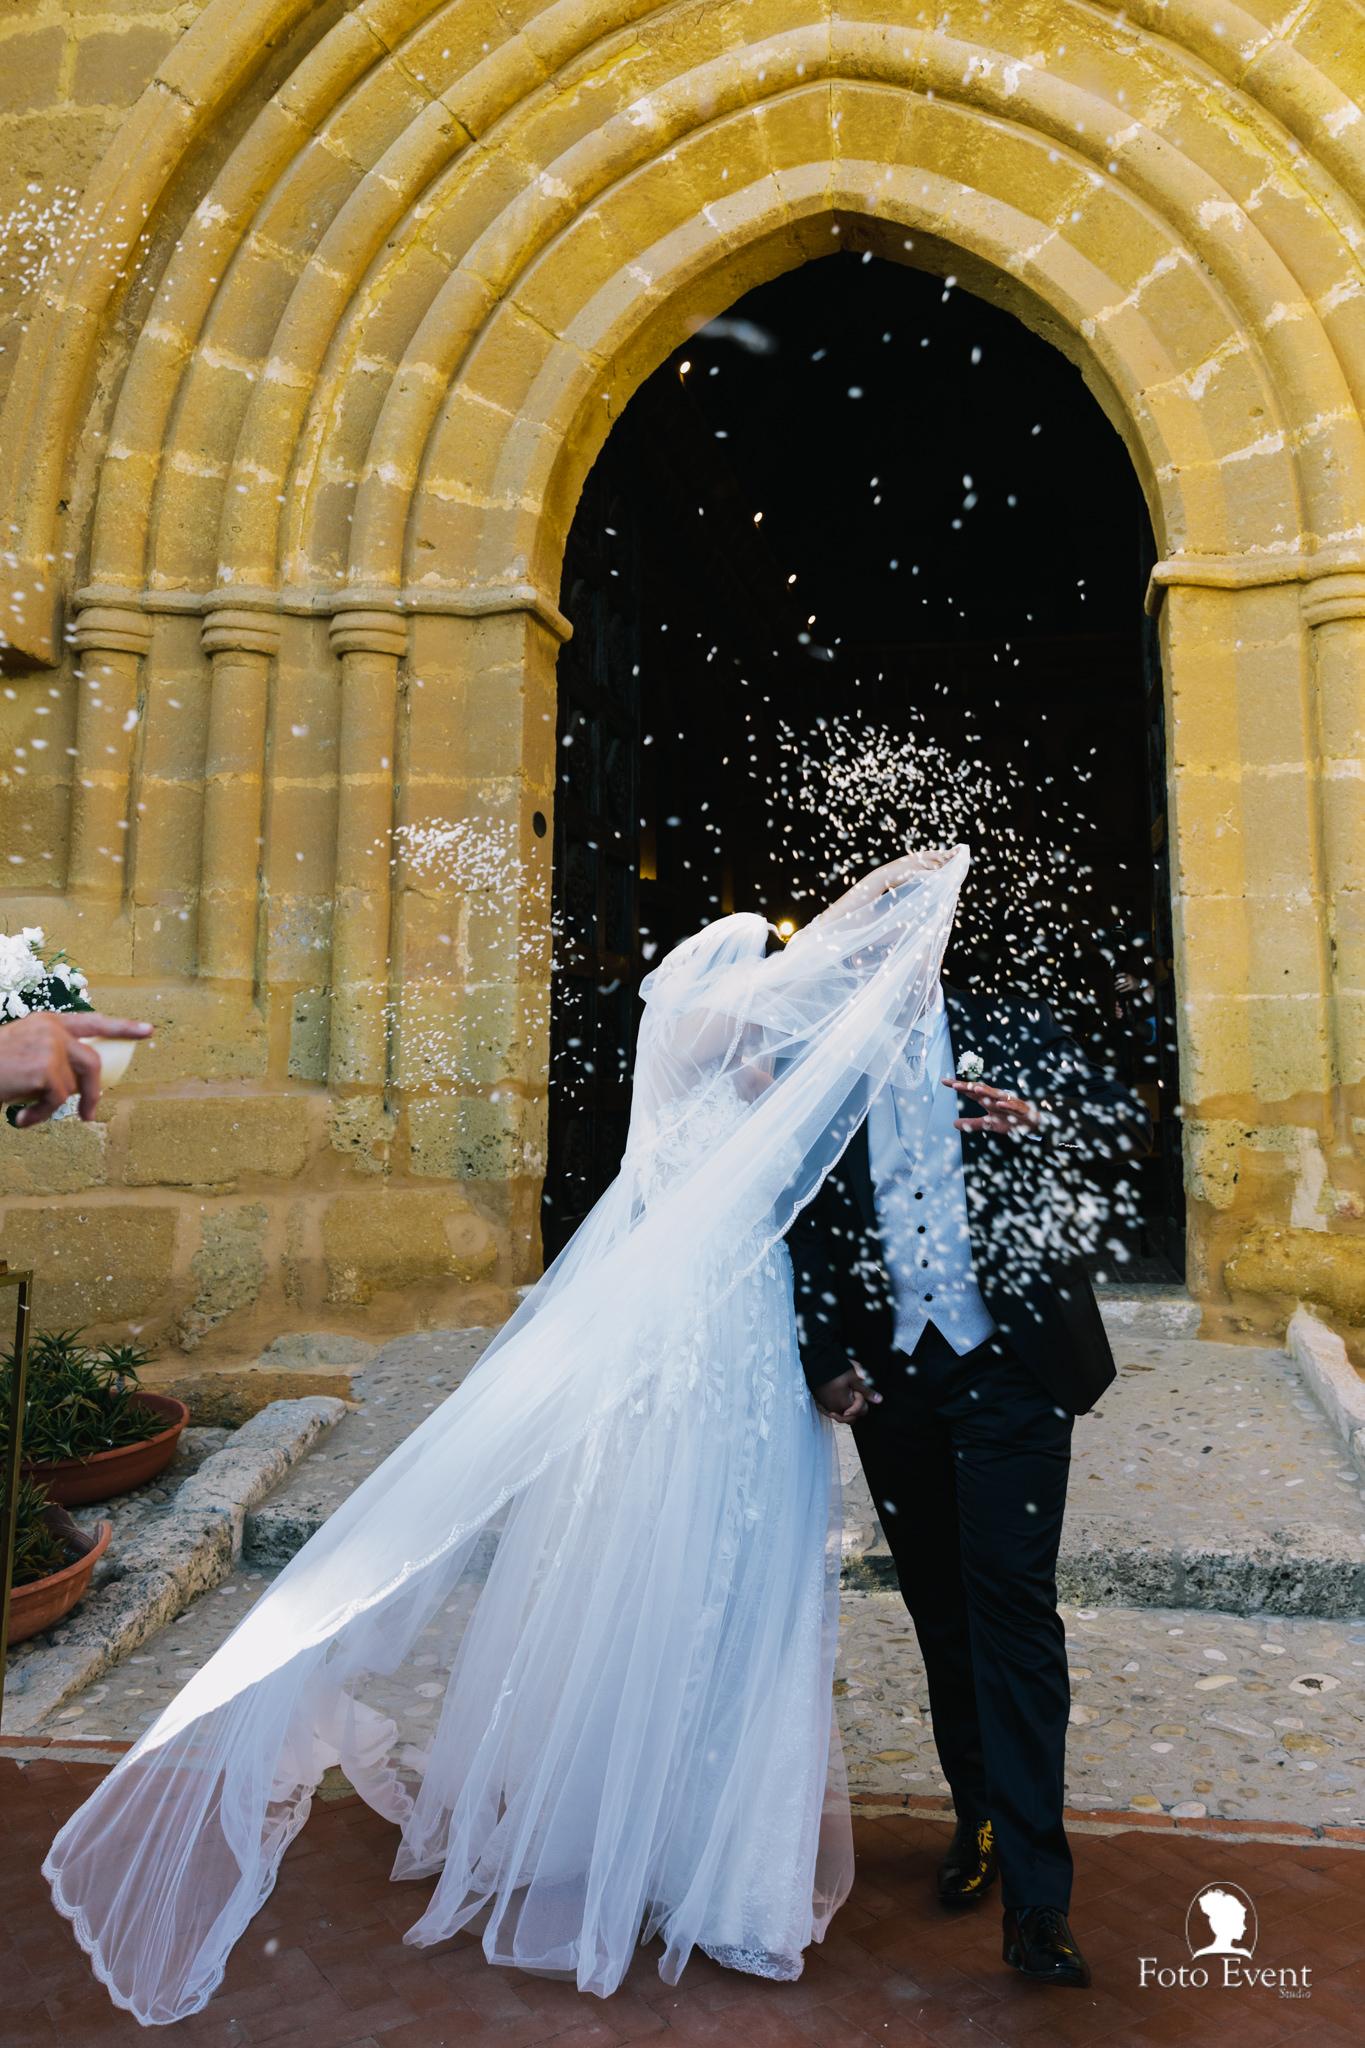 024-2019-09-09-Matrimonio-Dorotea-e-Alberto-Iemmolo-5DE-903